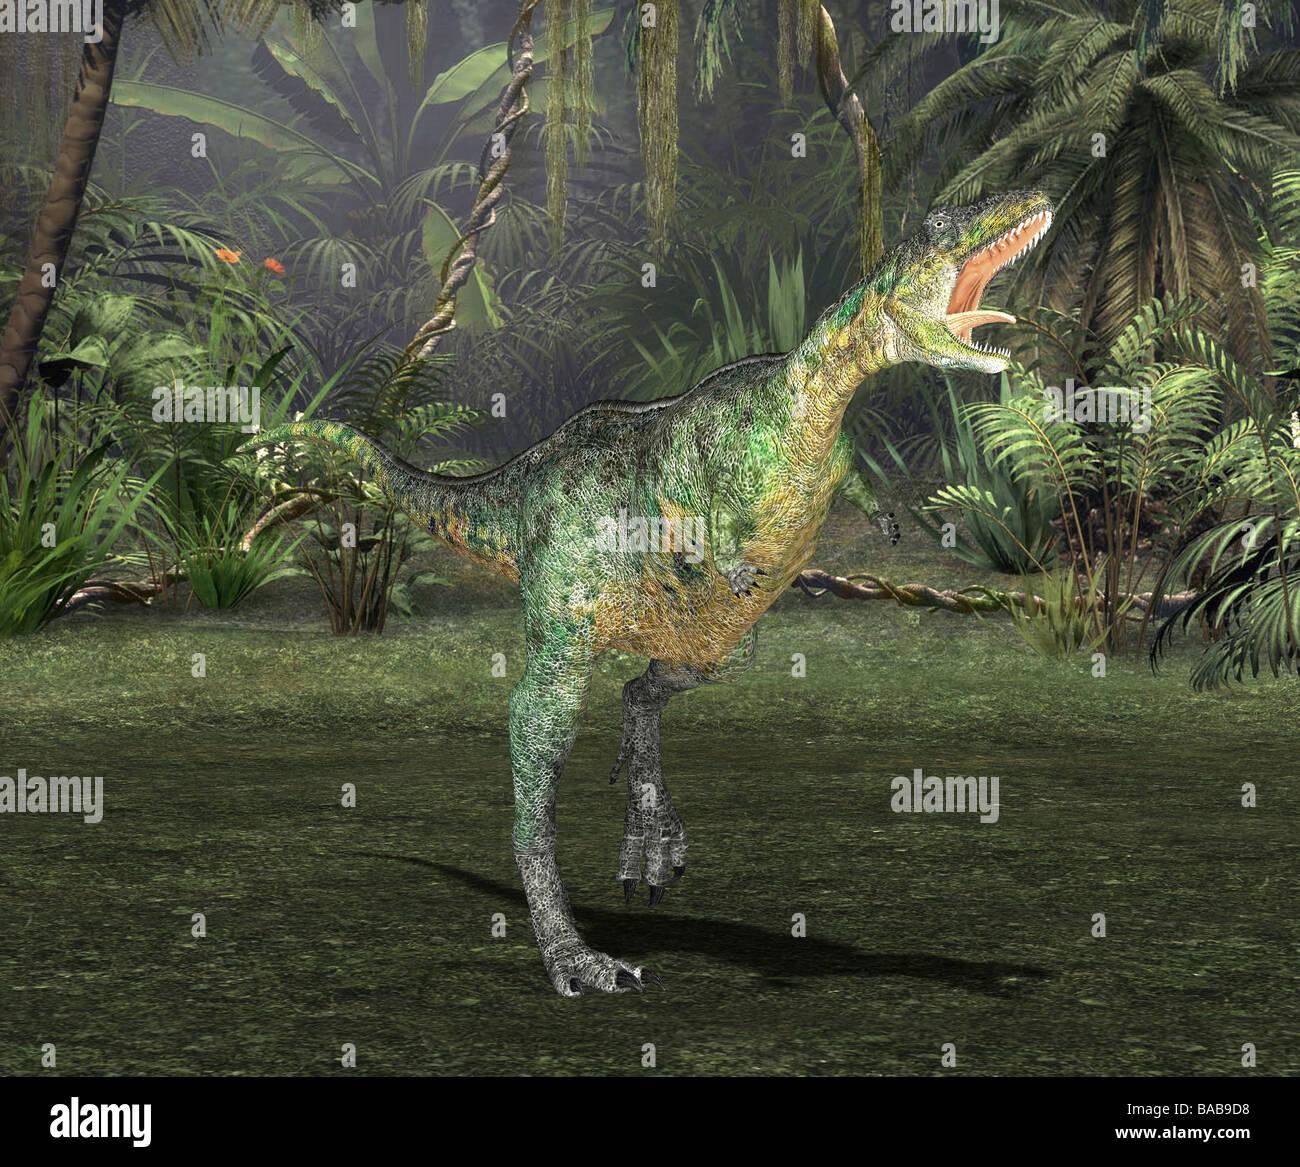 dinosaur aucasaurusStock Photo